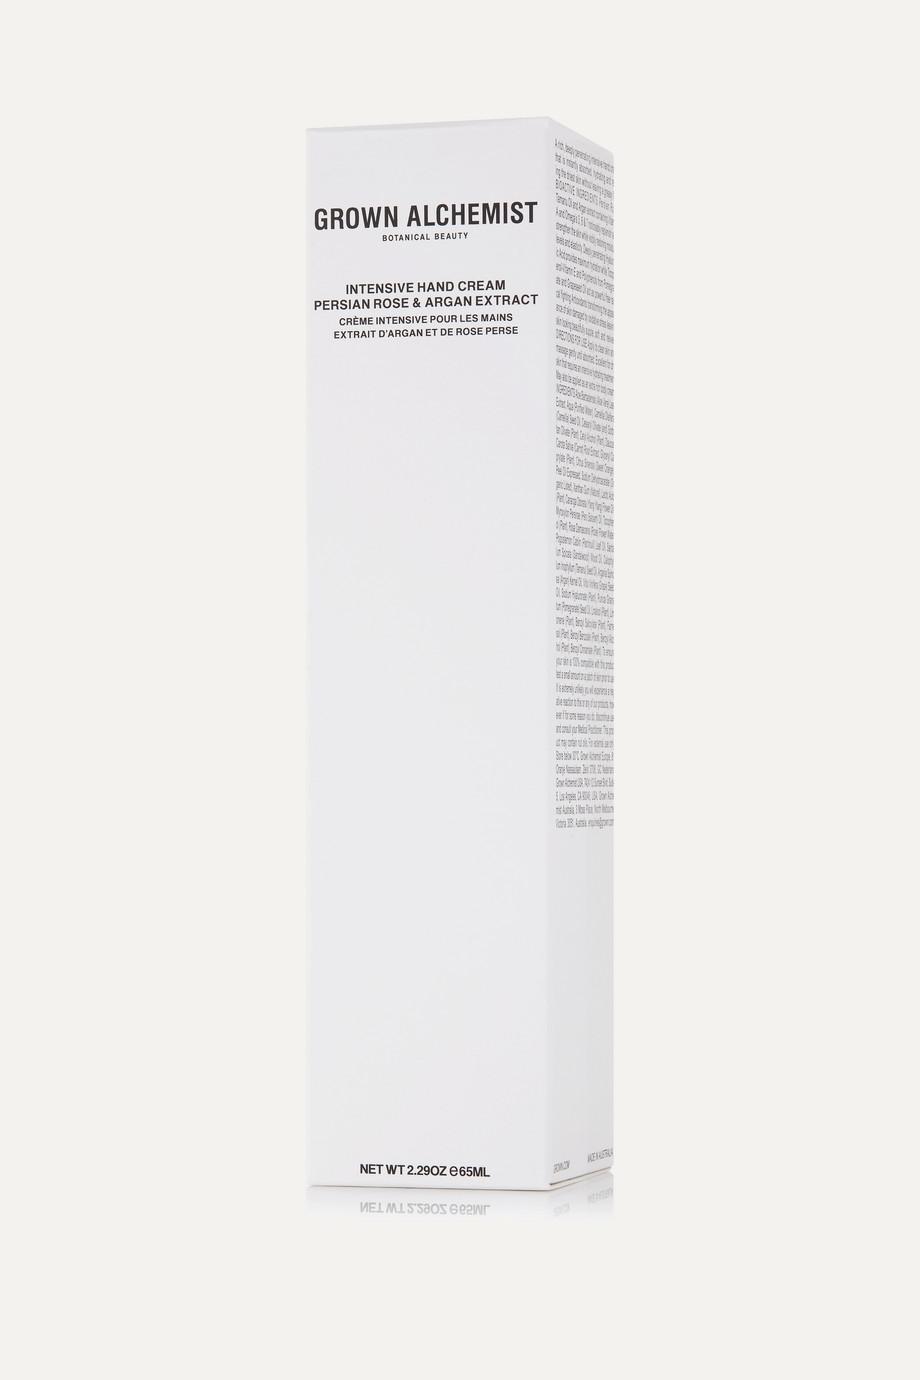 Grown Alchemist Intensive Hand Cream, 65 ml – Handcreme